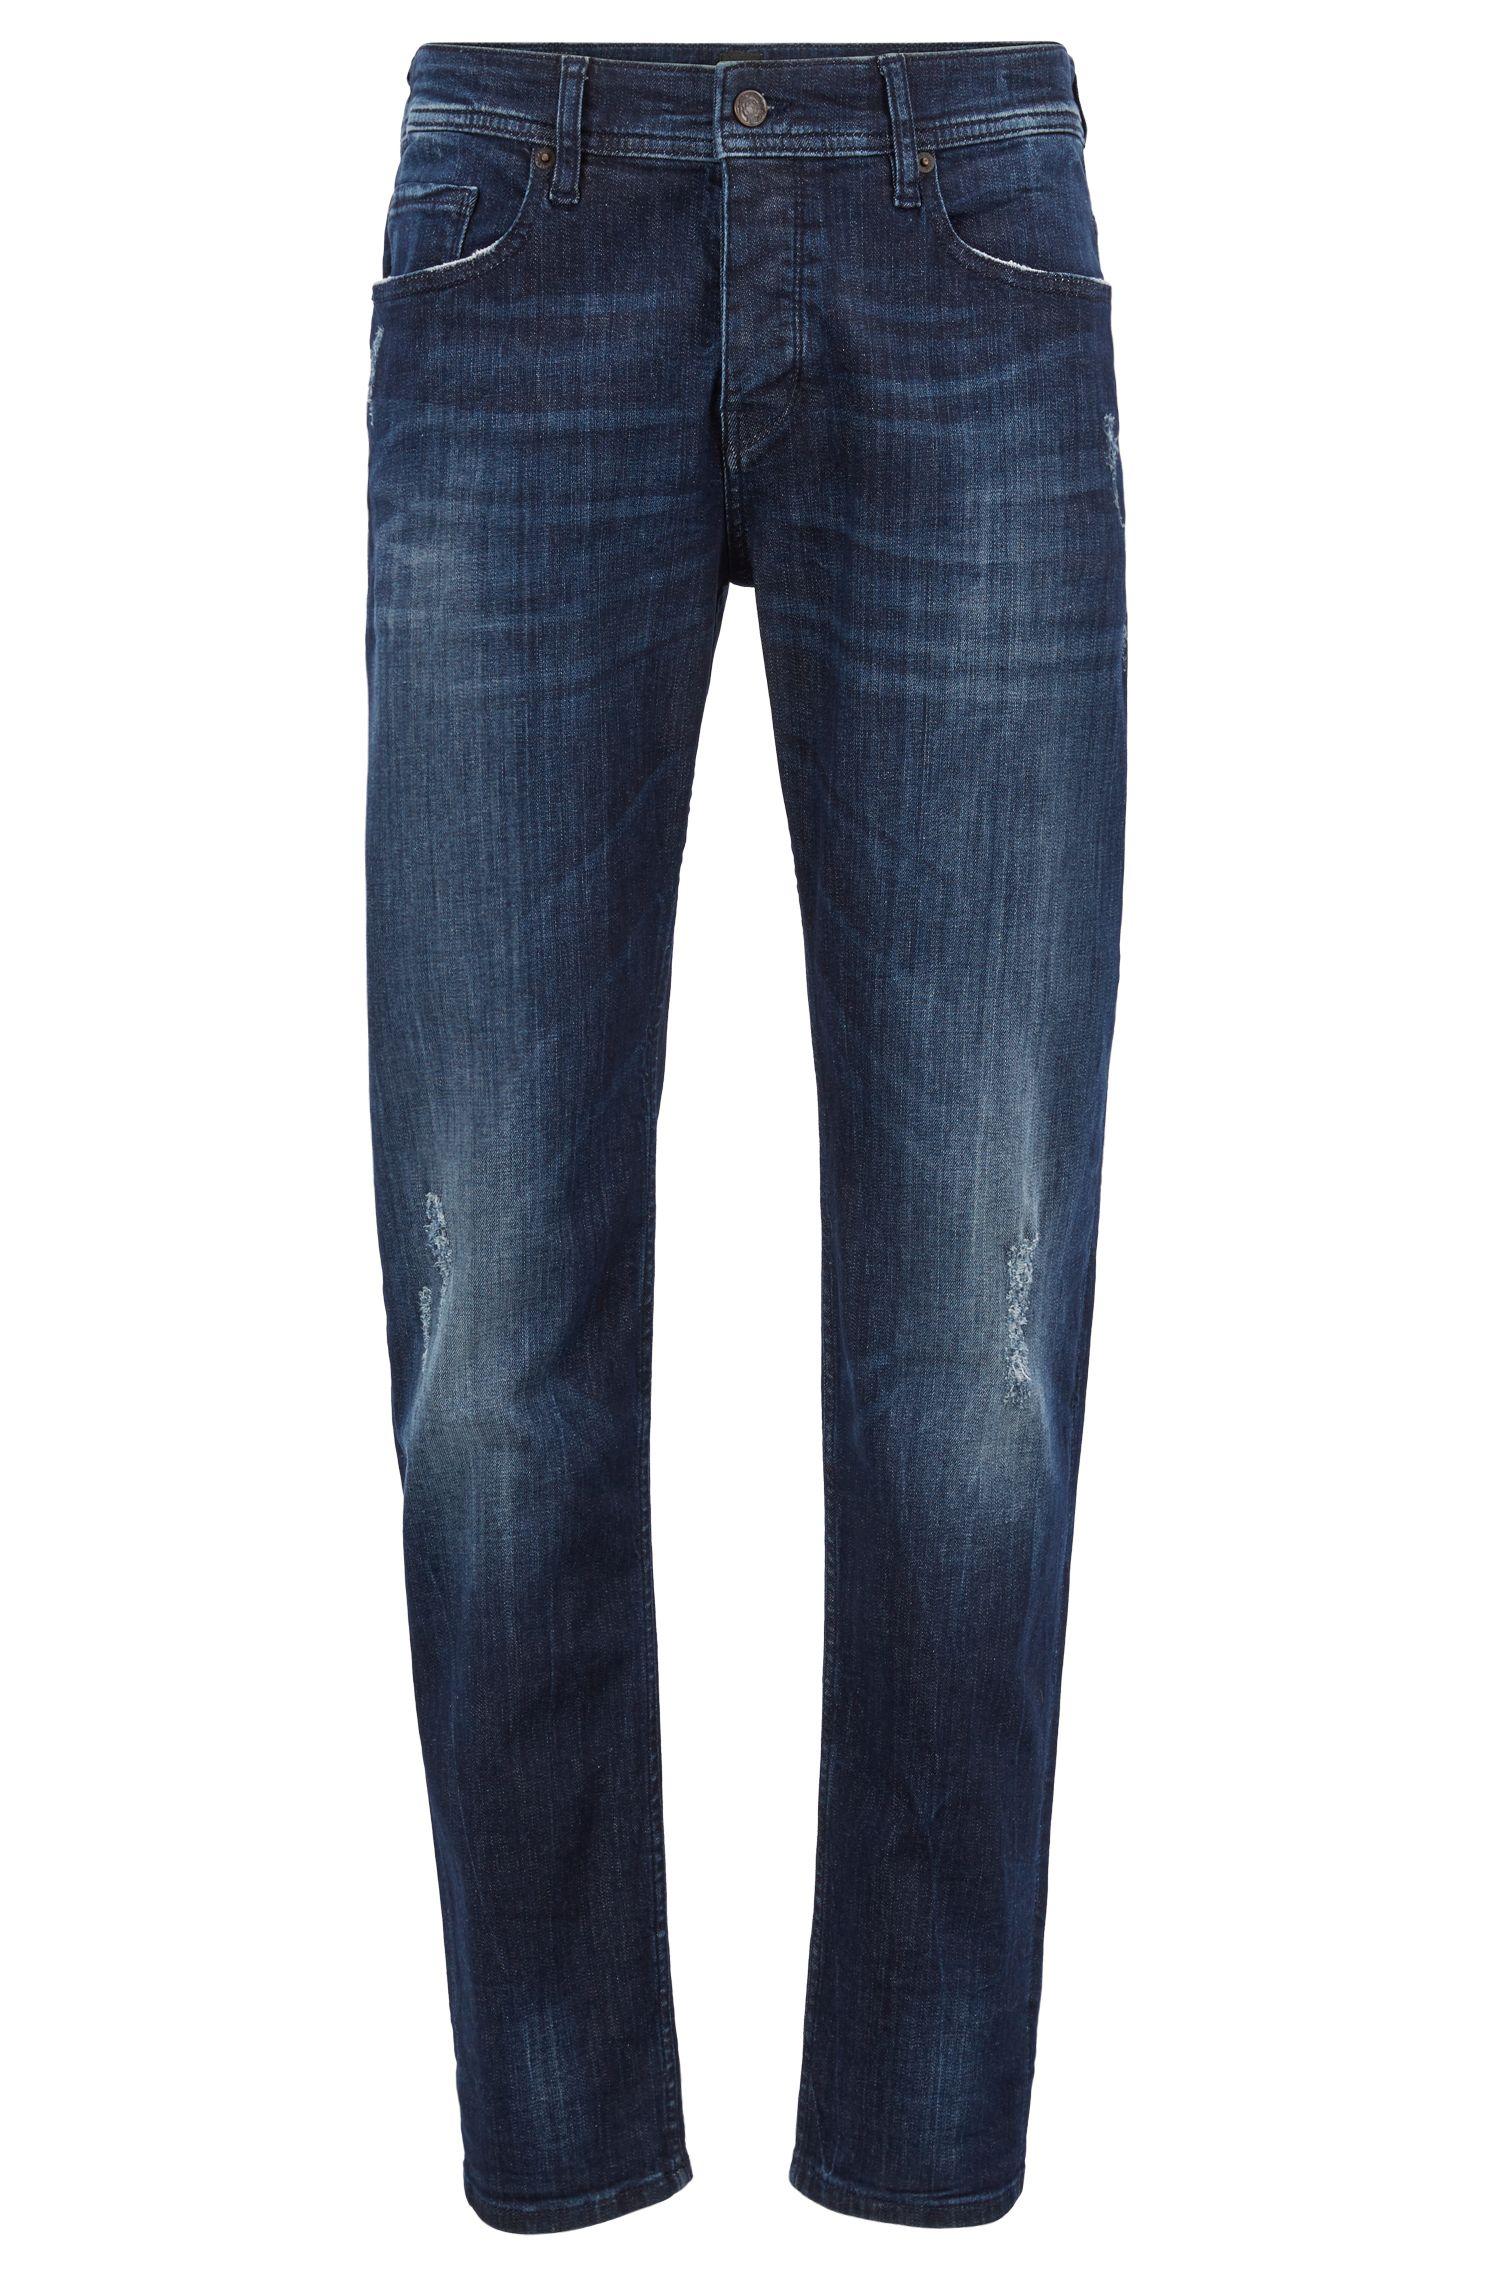 Jeans Tapered Fit en denim super stretch